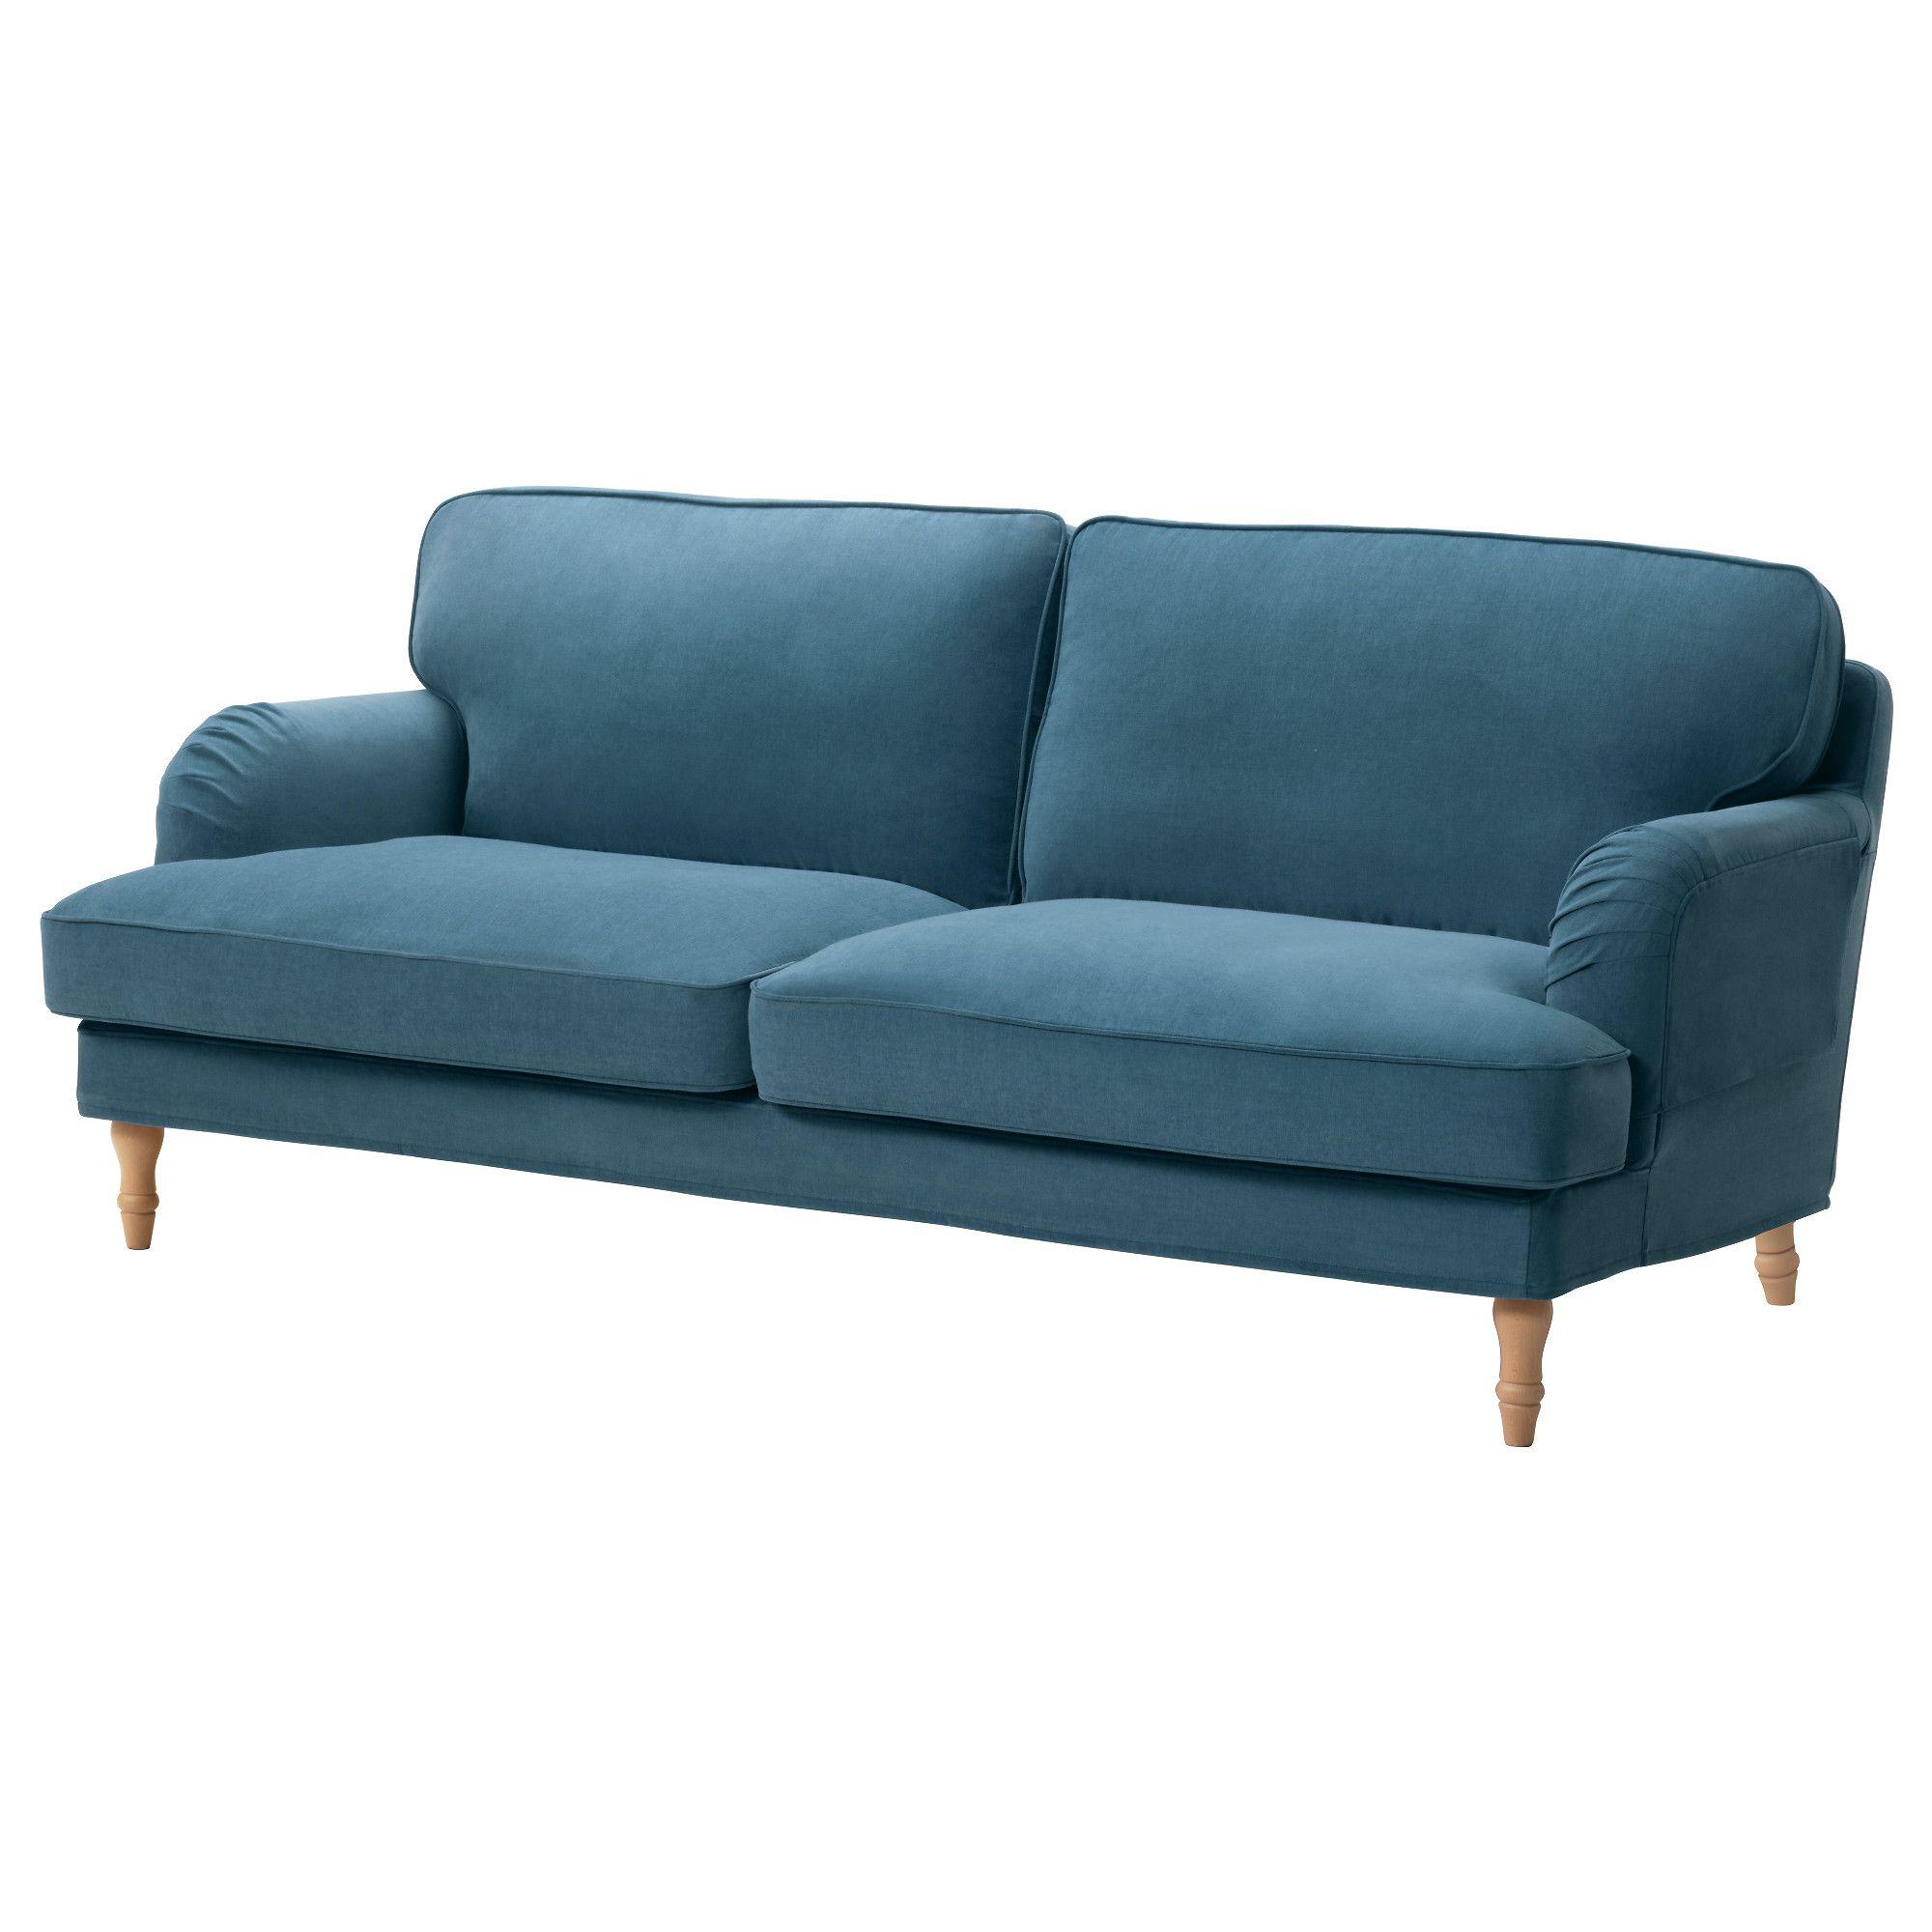 Entzuckend STOCKSUND, 3er Sofa, Ljungen Blau, Blau Jetzt Bestellen Unter: Https:  Wohnzimmer ...